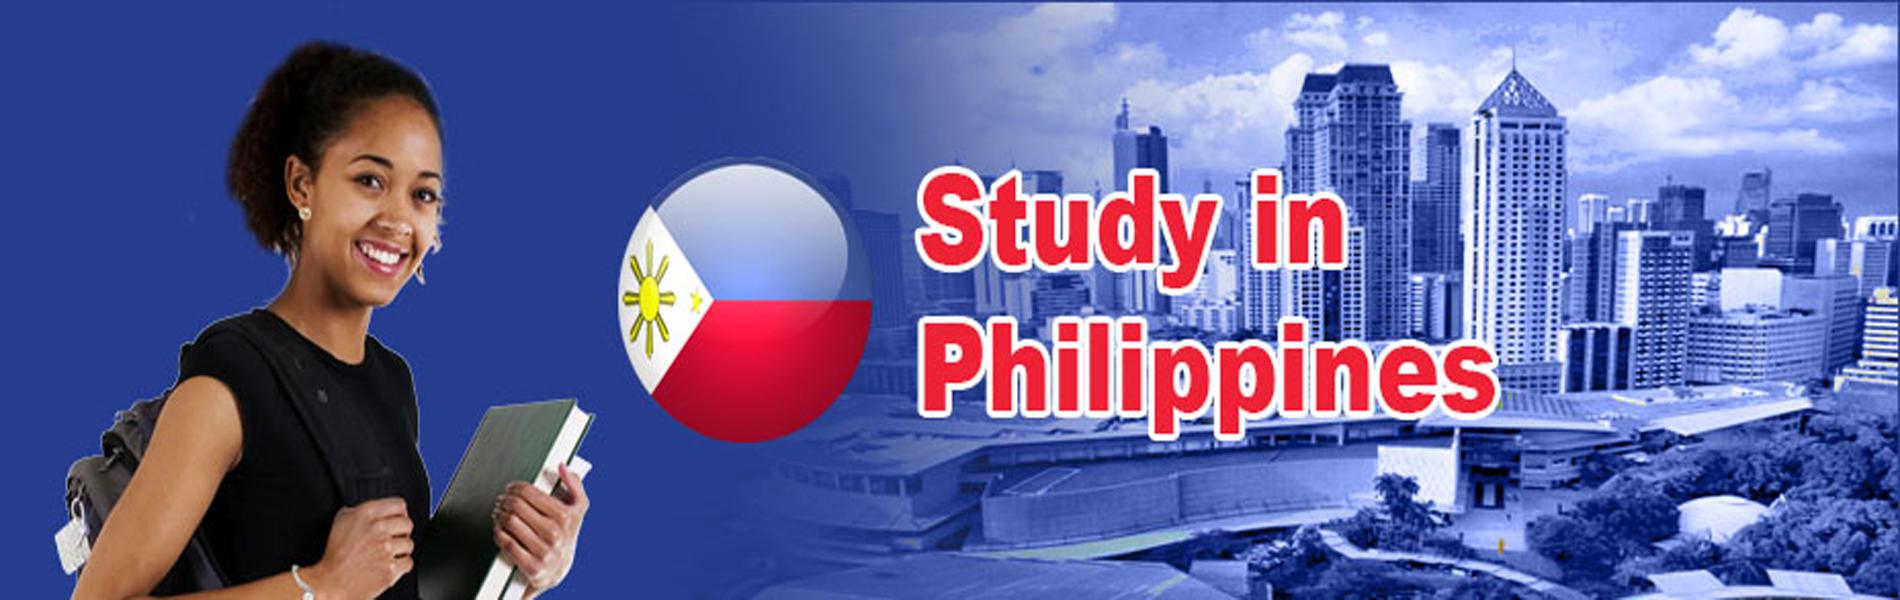 du học philippines cải thiện tiếng anh